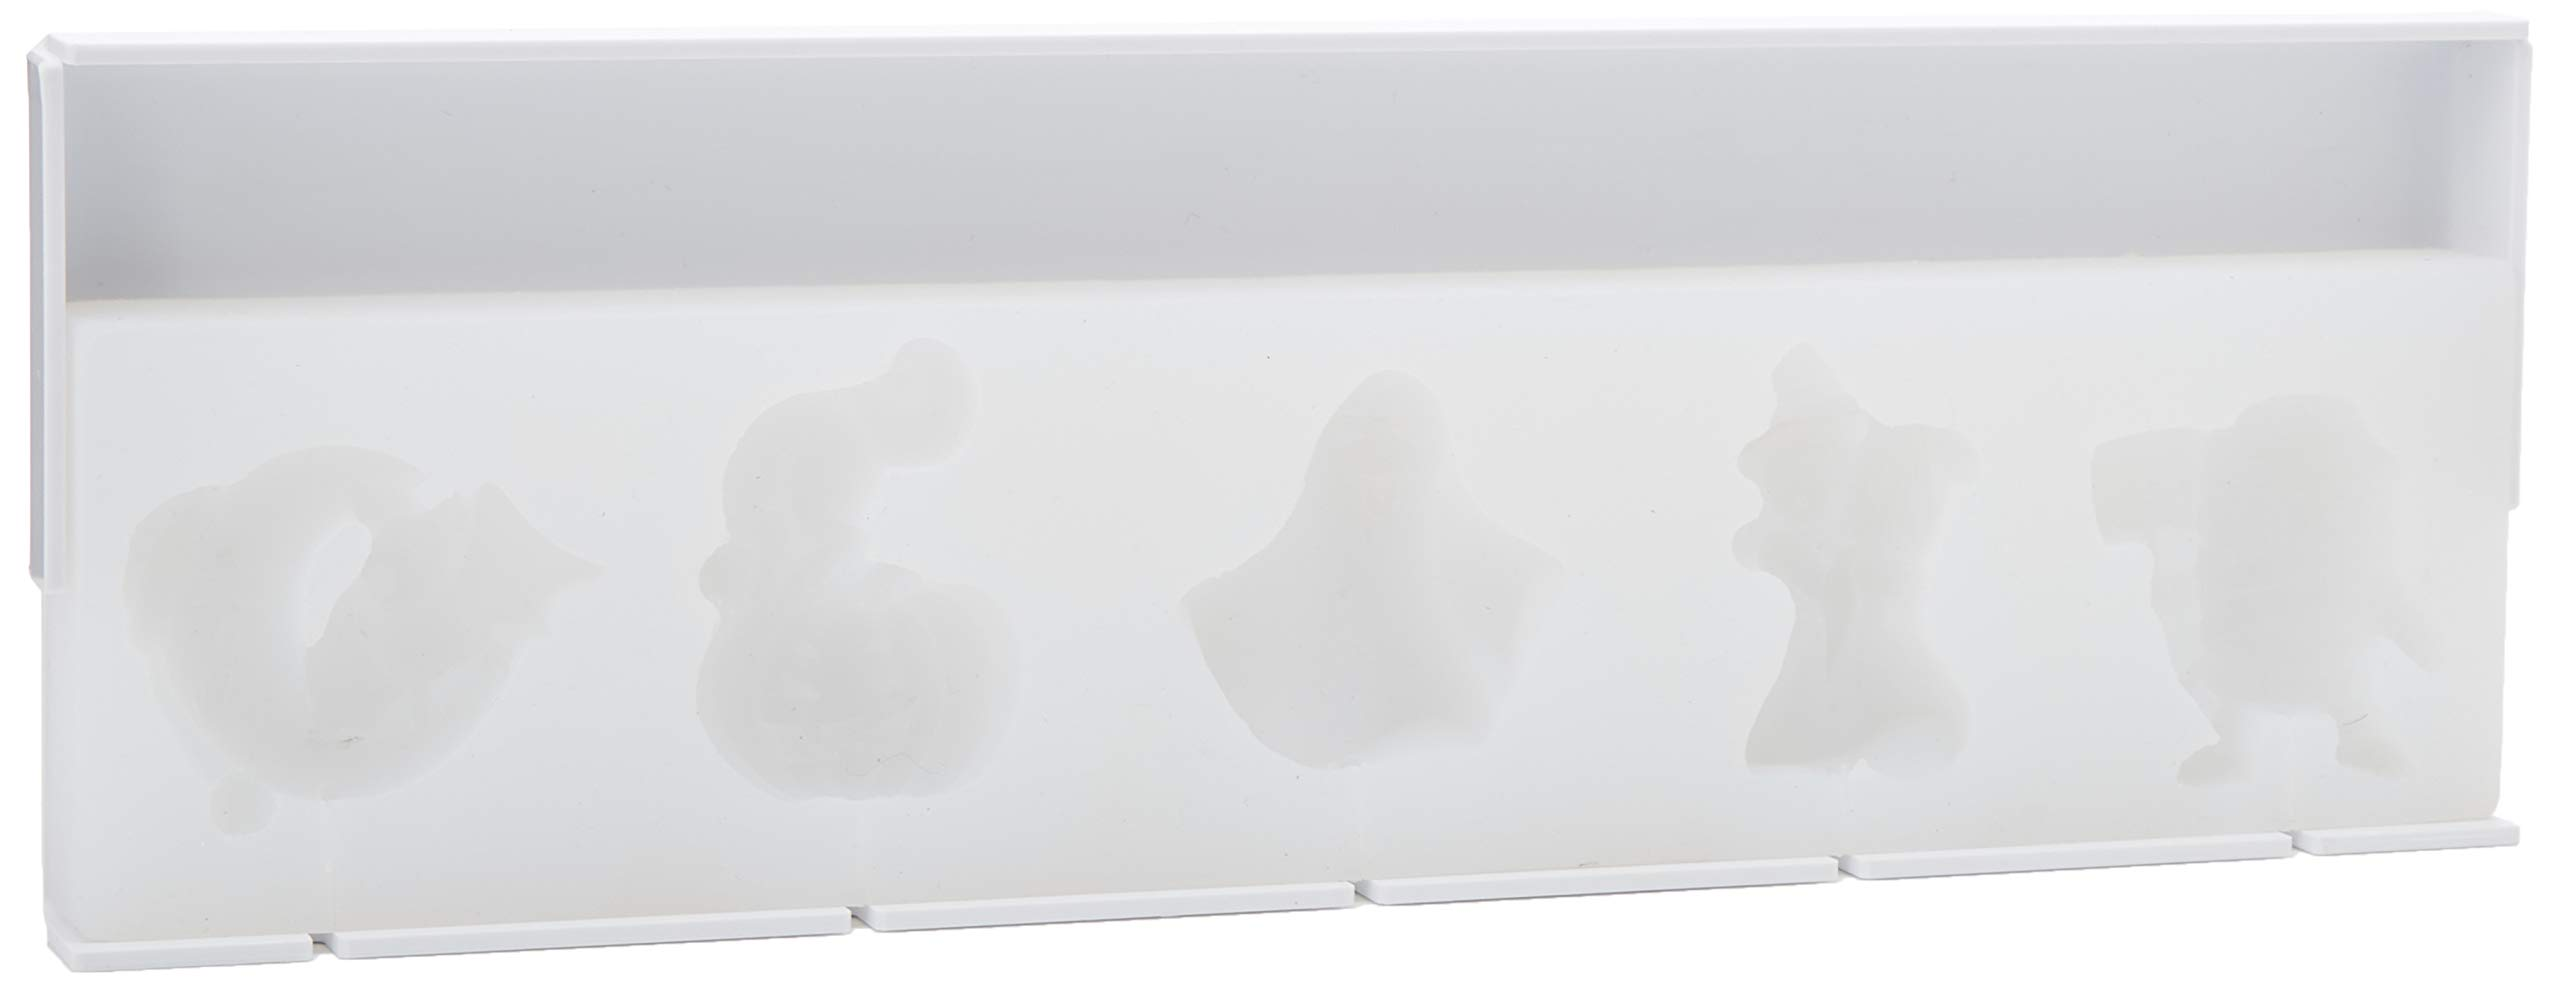 Martellato 30SML001 Silicone Halloween Lollipop Mould, 395 x 143 mm, White